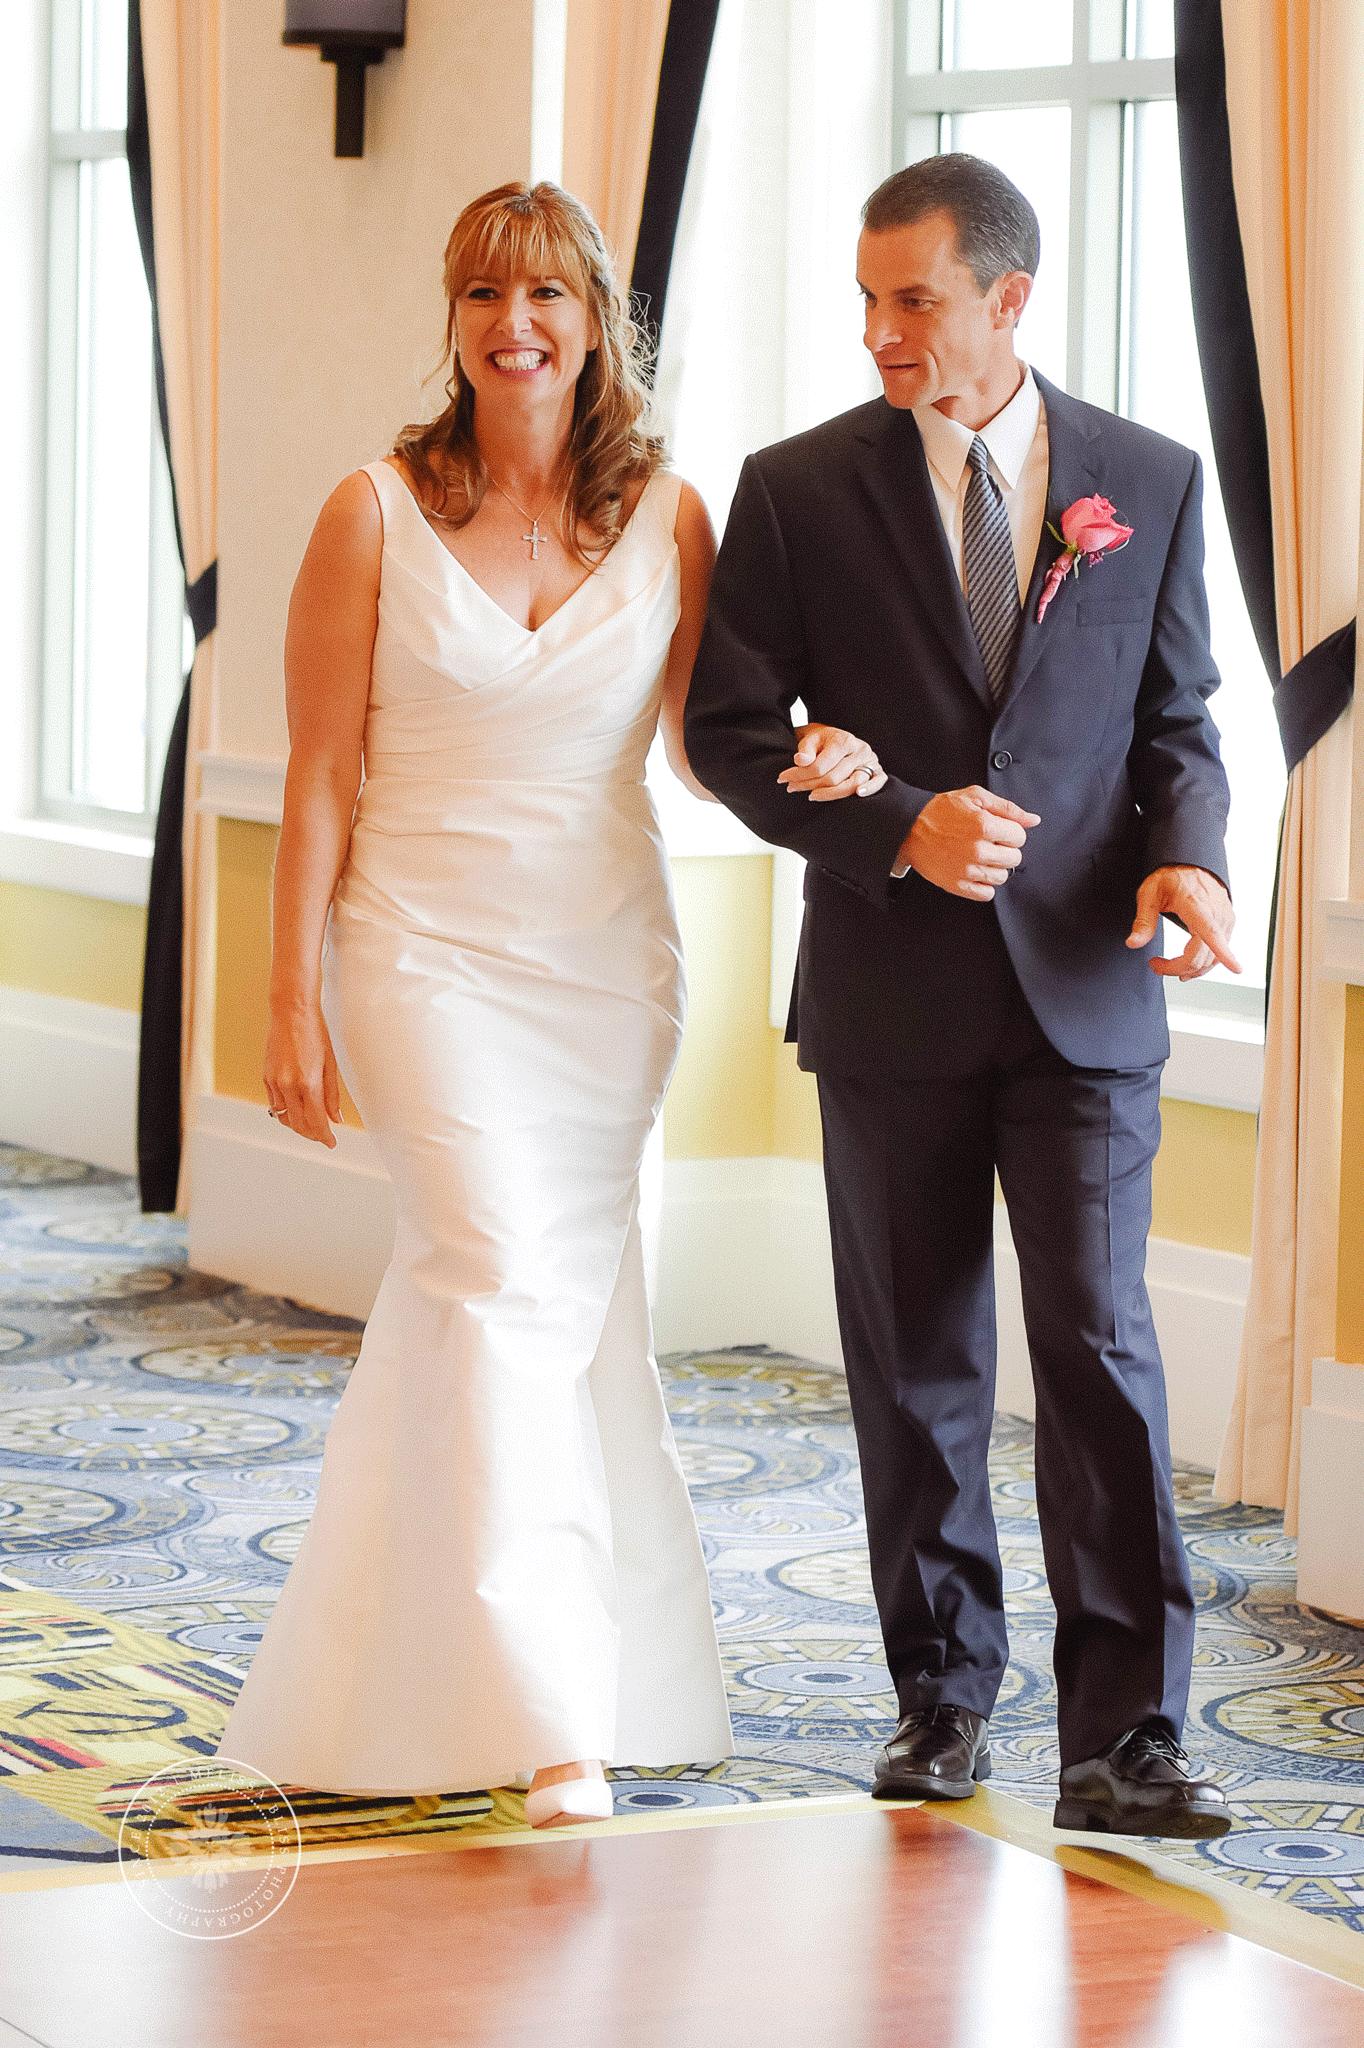 melissa-bliss-photography-virginia-beach-wedding-photographers-norfolk-wedding-photographers-portsmouth-wedding-photographers-wedding-day.png